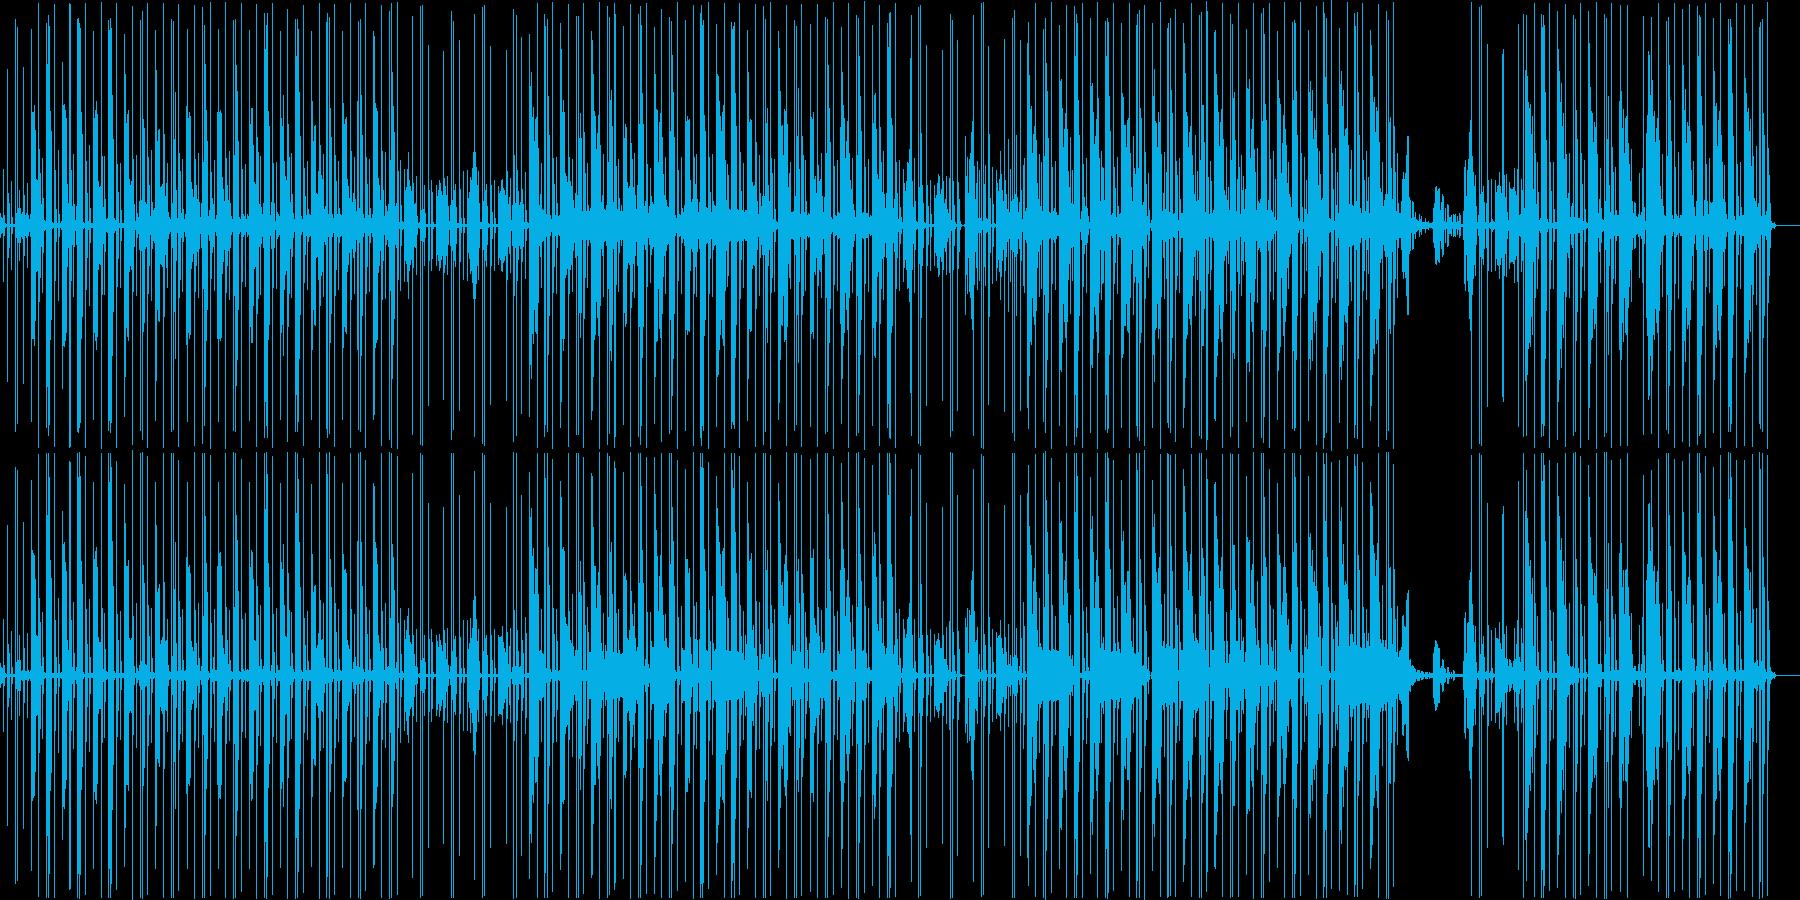 ヒップホップ風エレクトロニックファンクの再生済みの波形